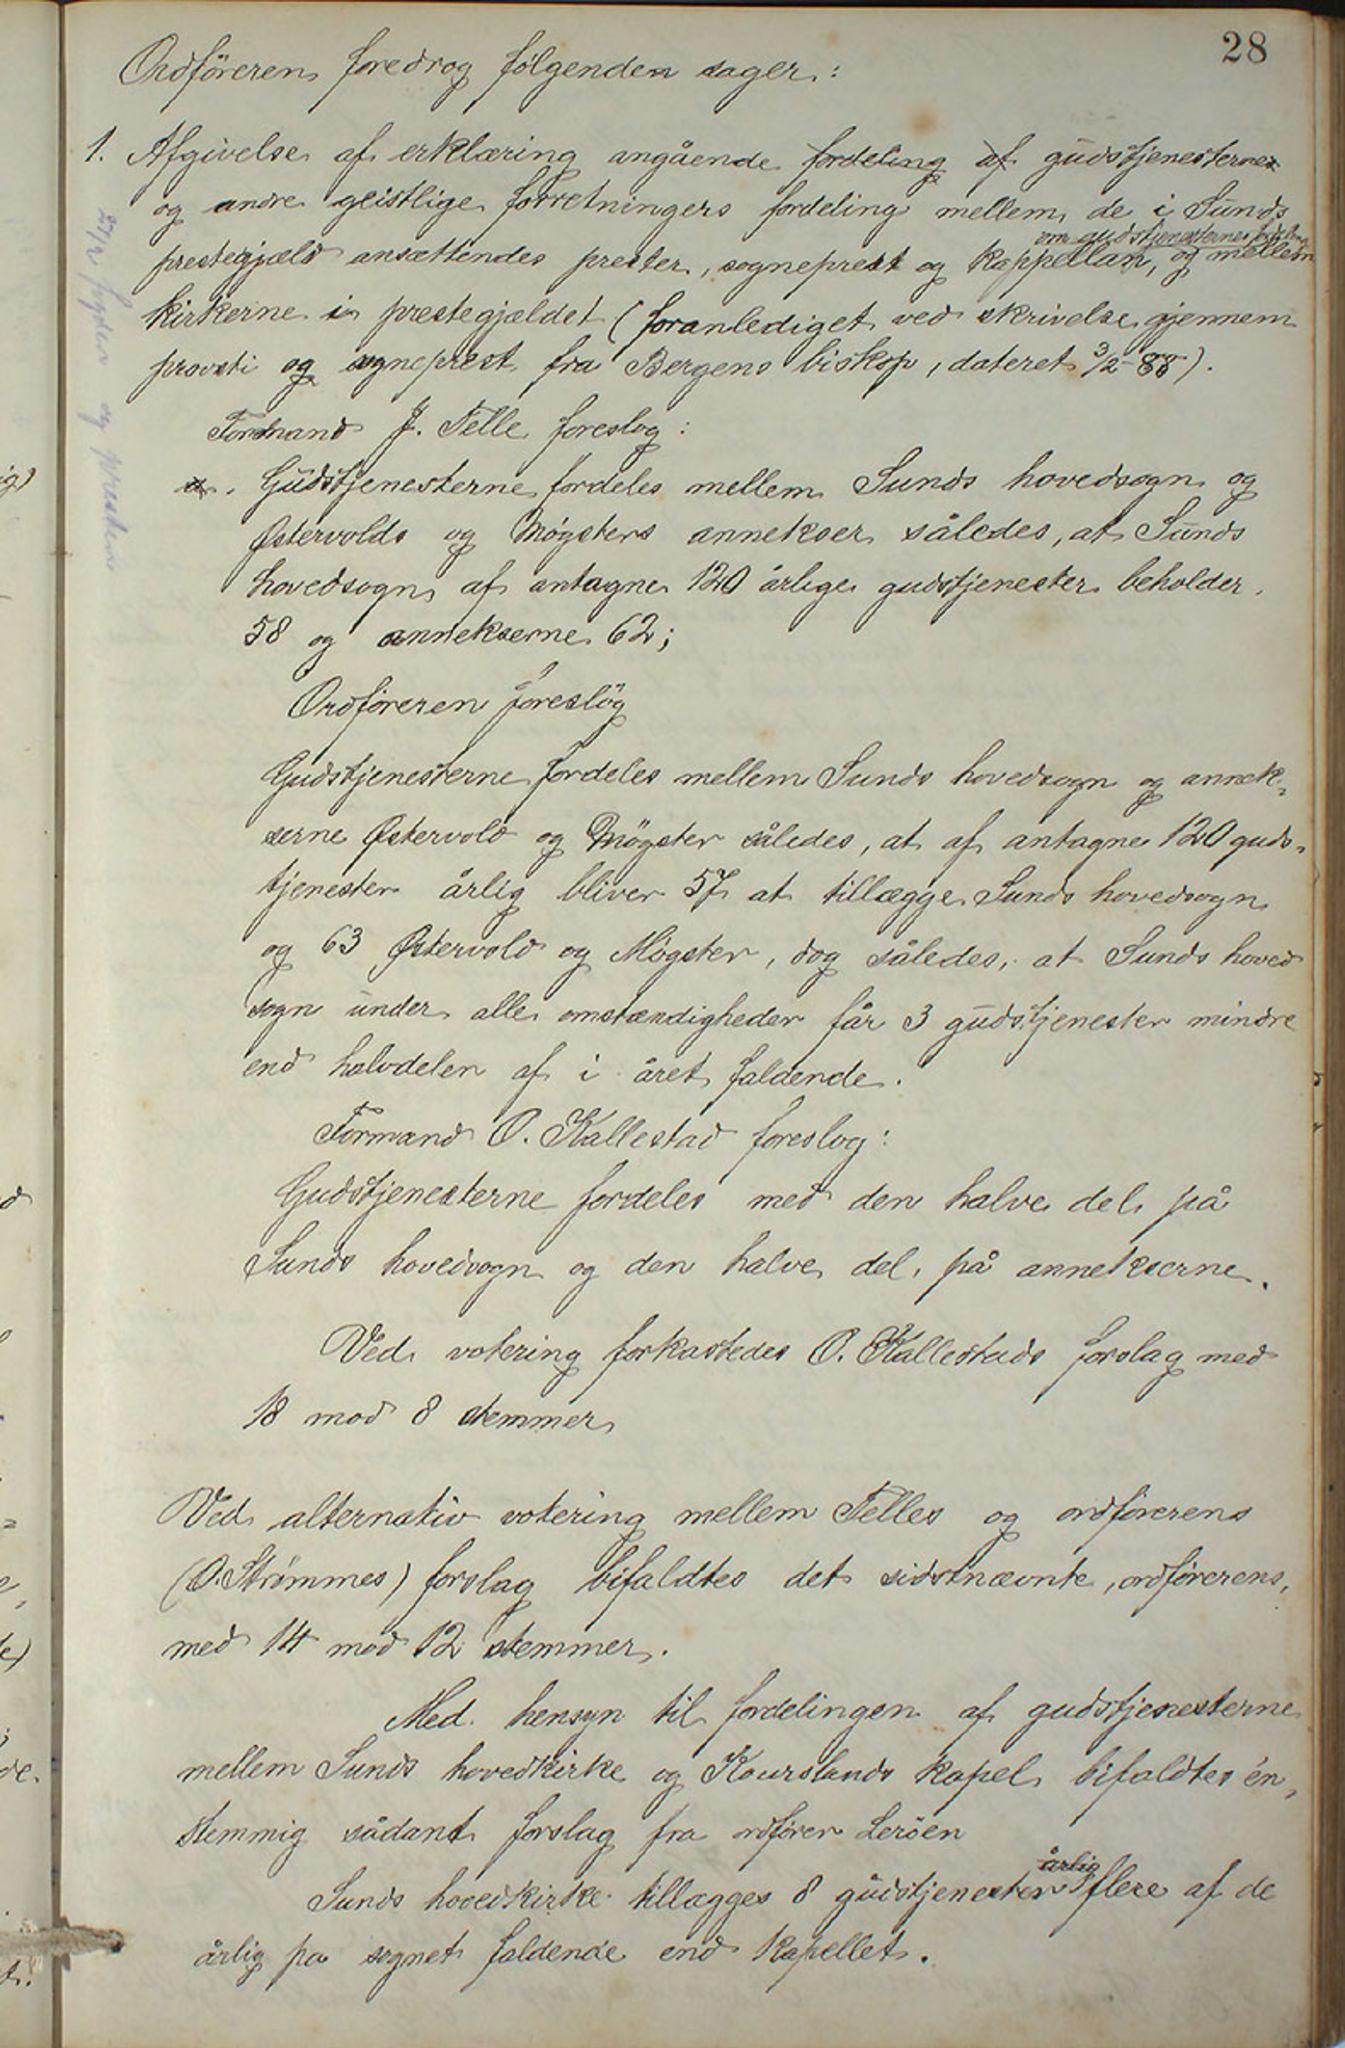 IKAH, Austevoll kommune. Formannskapet, A/Aa/L0001: Østervolds Herredsforhandlings-protokoll, 1886-1900, s. 56